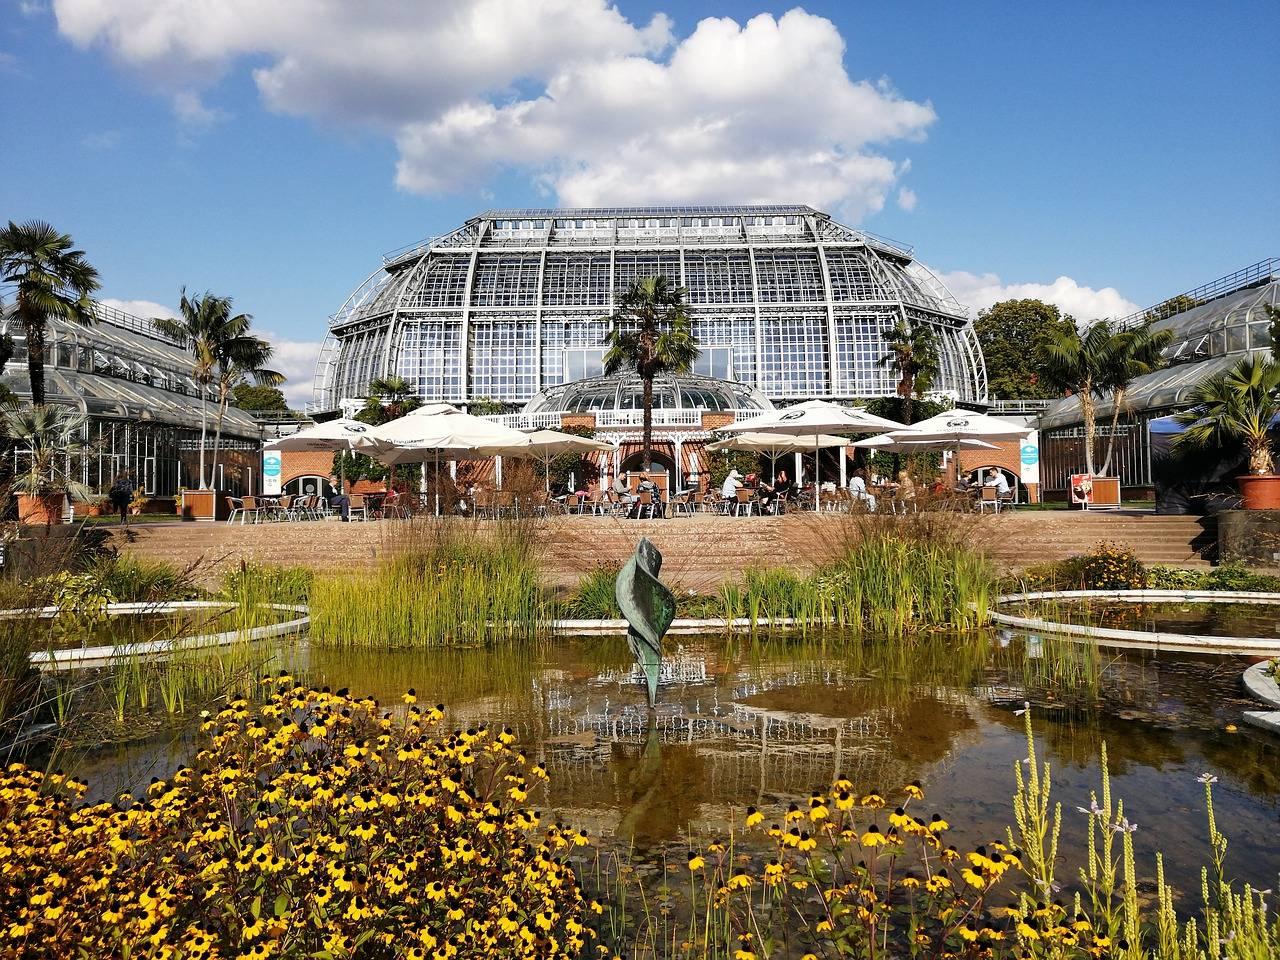 Достопримечательности берлина: популярные места с фото и описанием